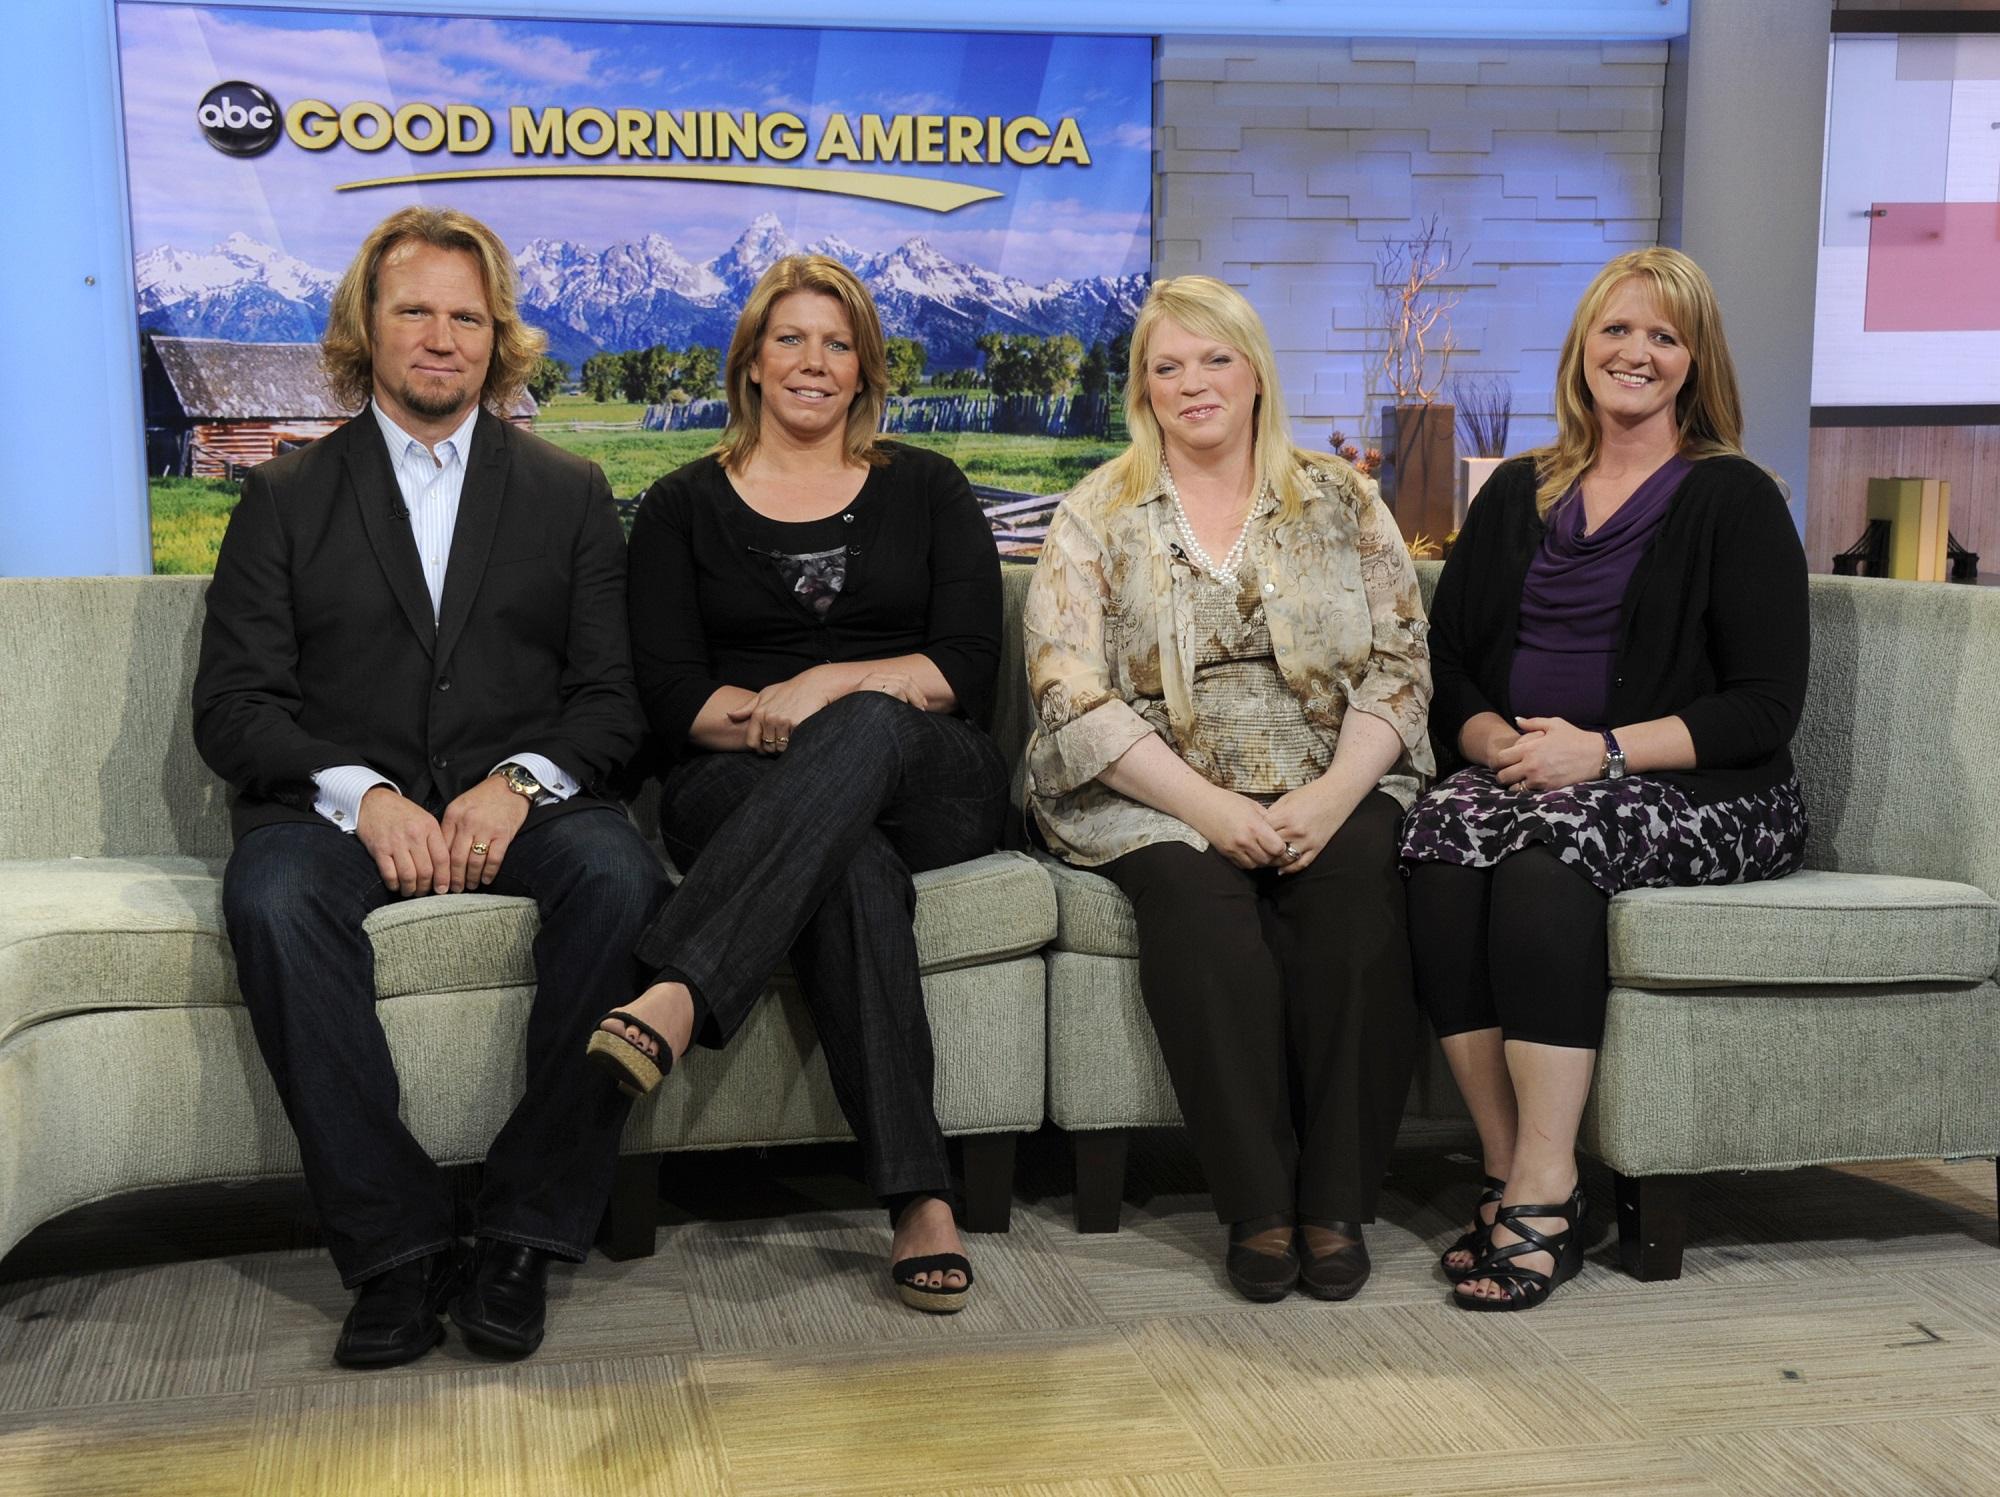 Kody Brown, Meri Brown, Janelle Brown, and Christine Brown of Sister Wives